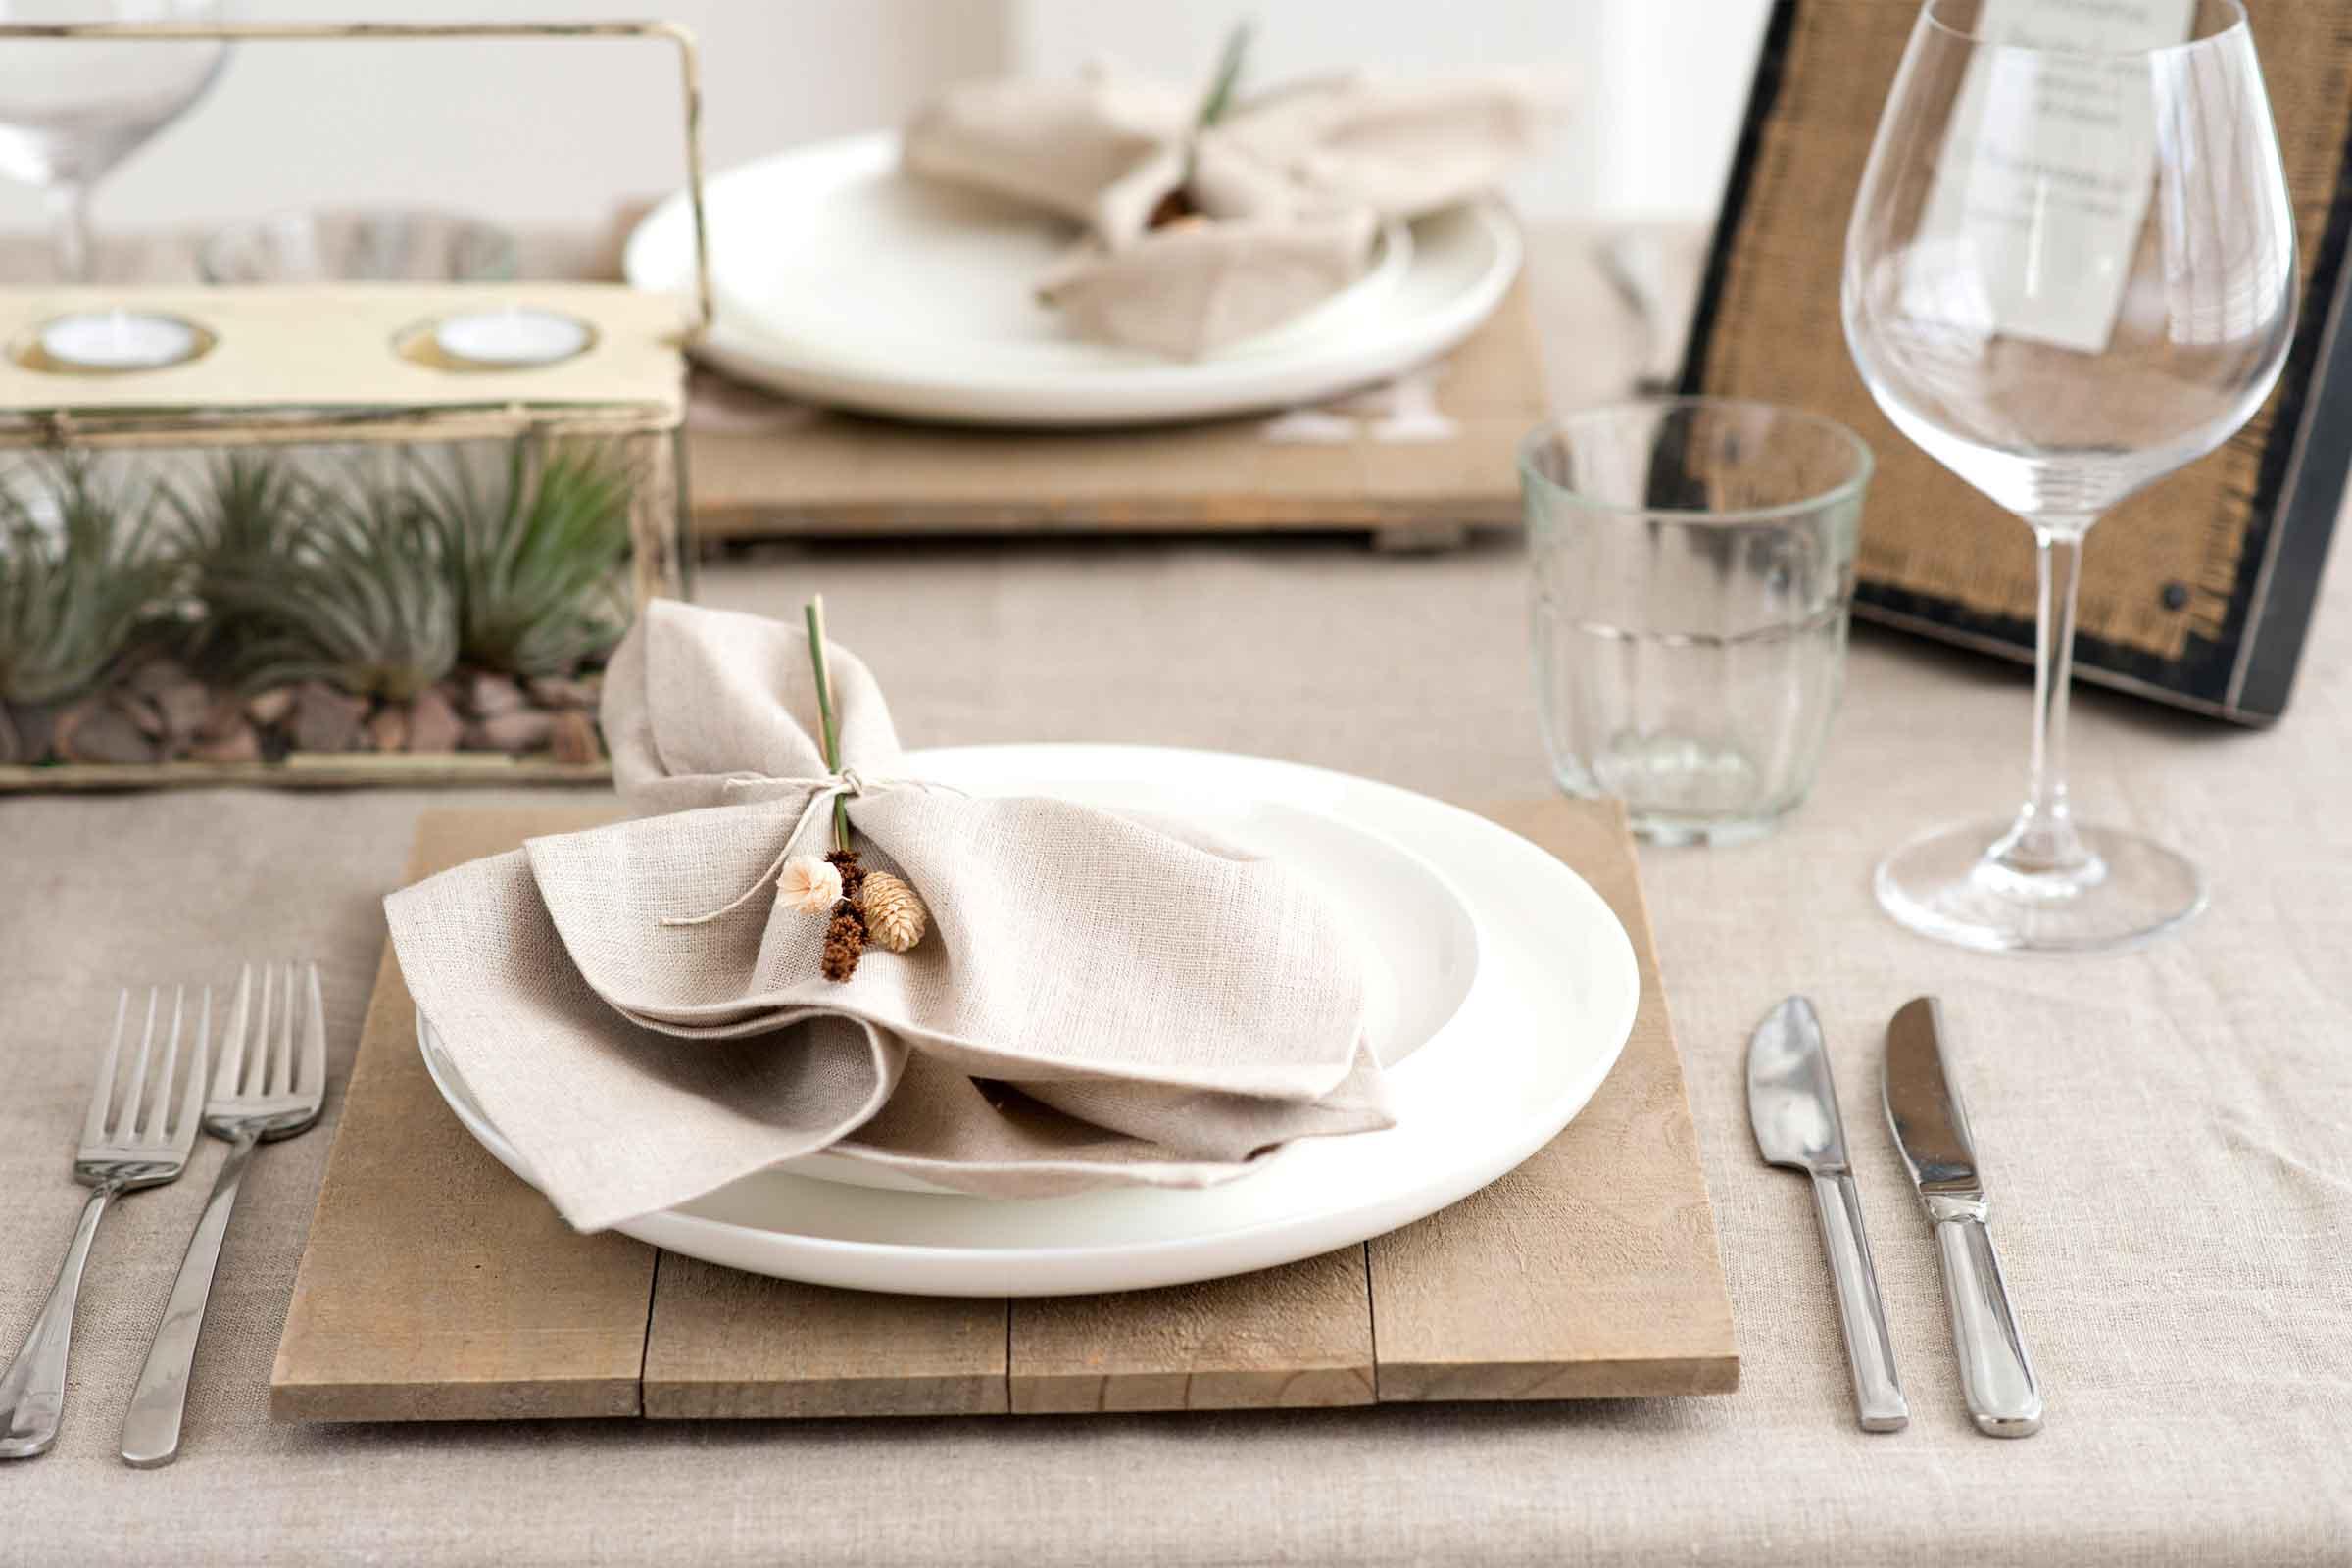 Украшение стола салфетками в стиле экоУкрашение стола салфетками в стиле эко